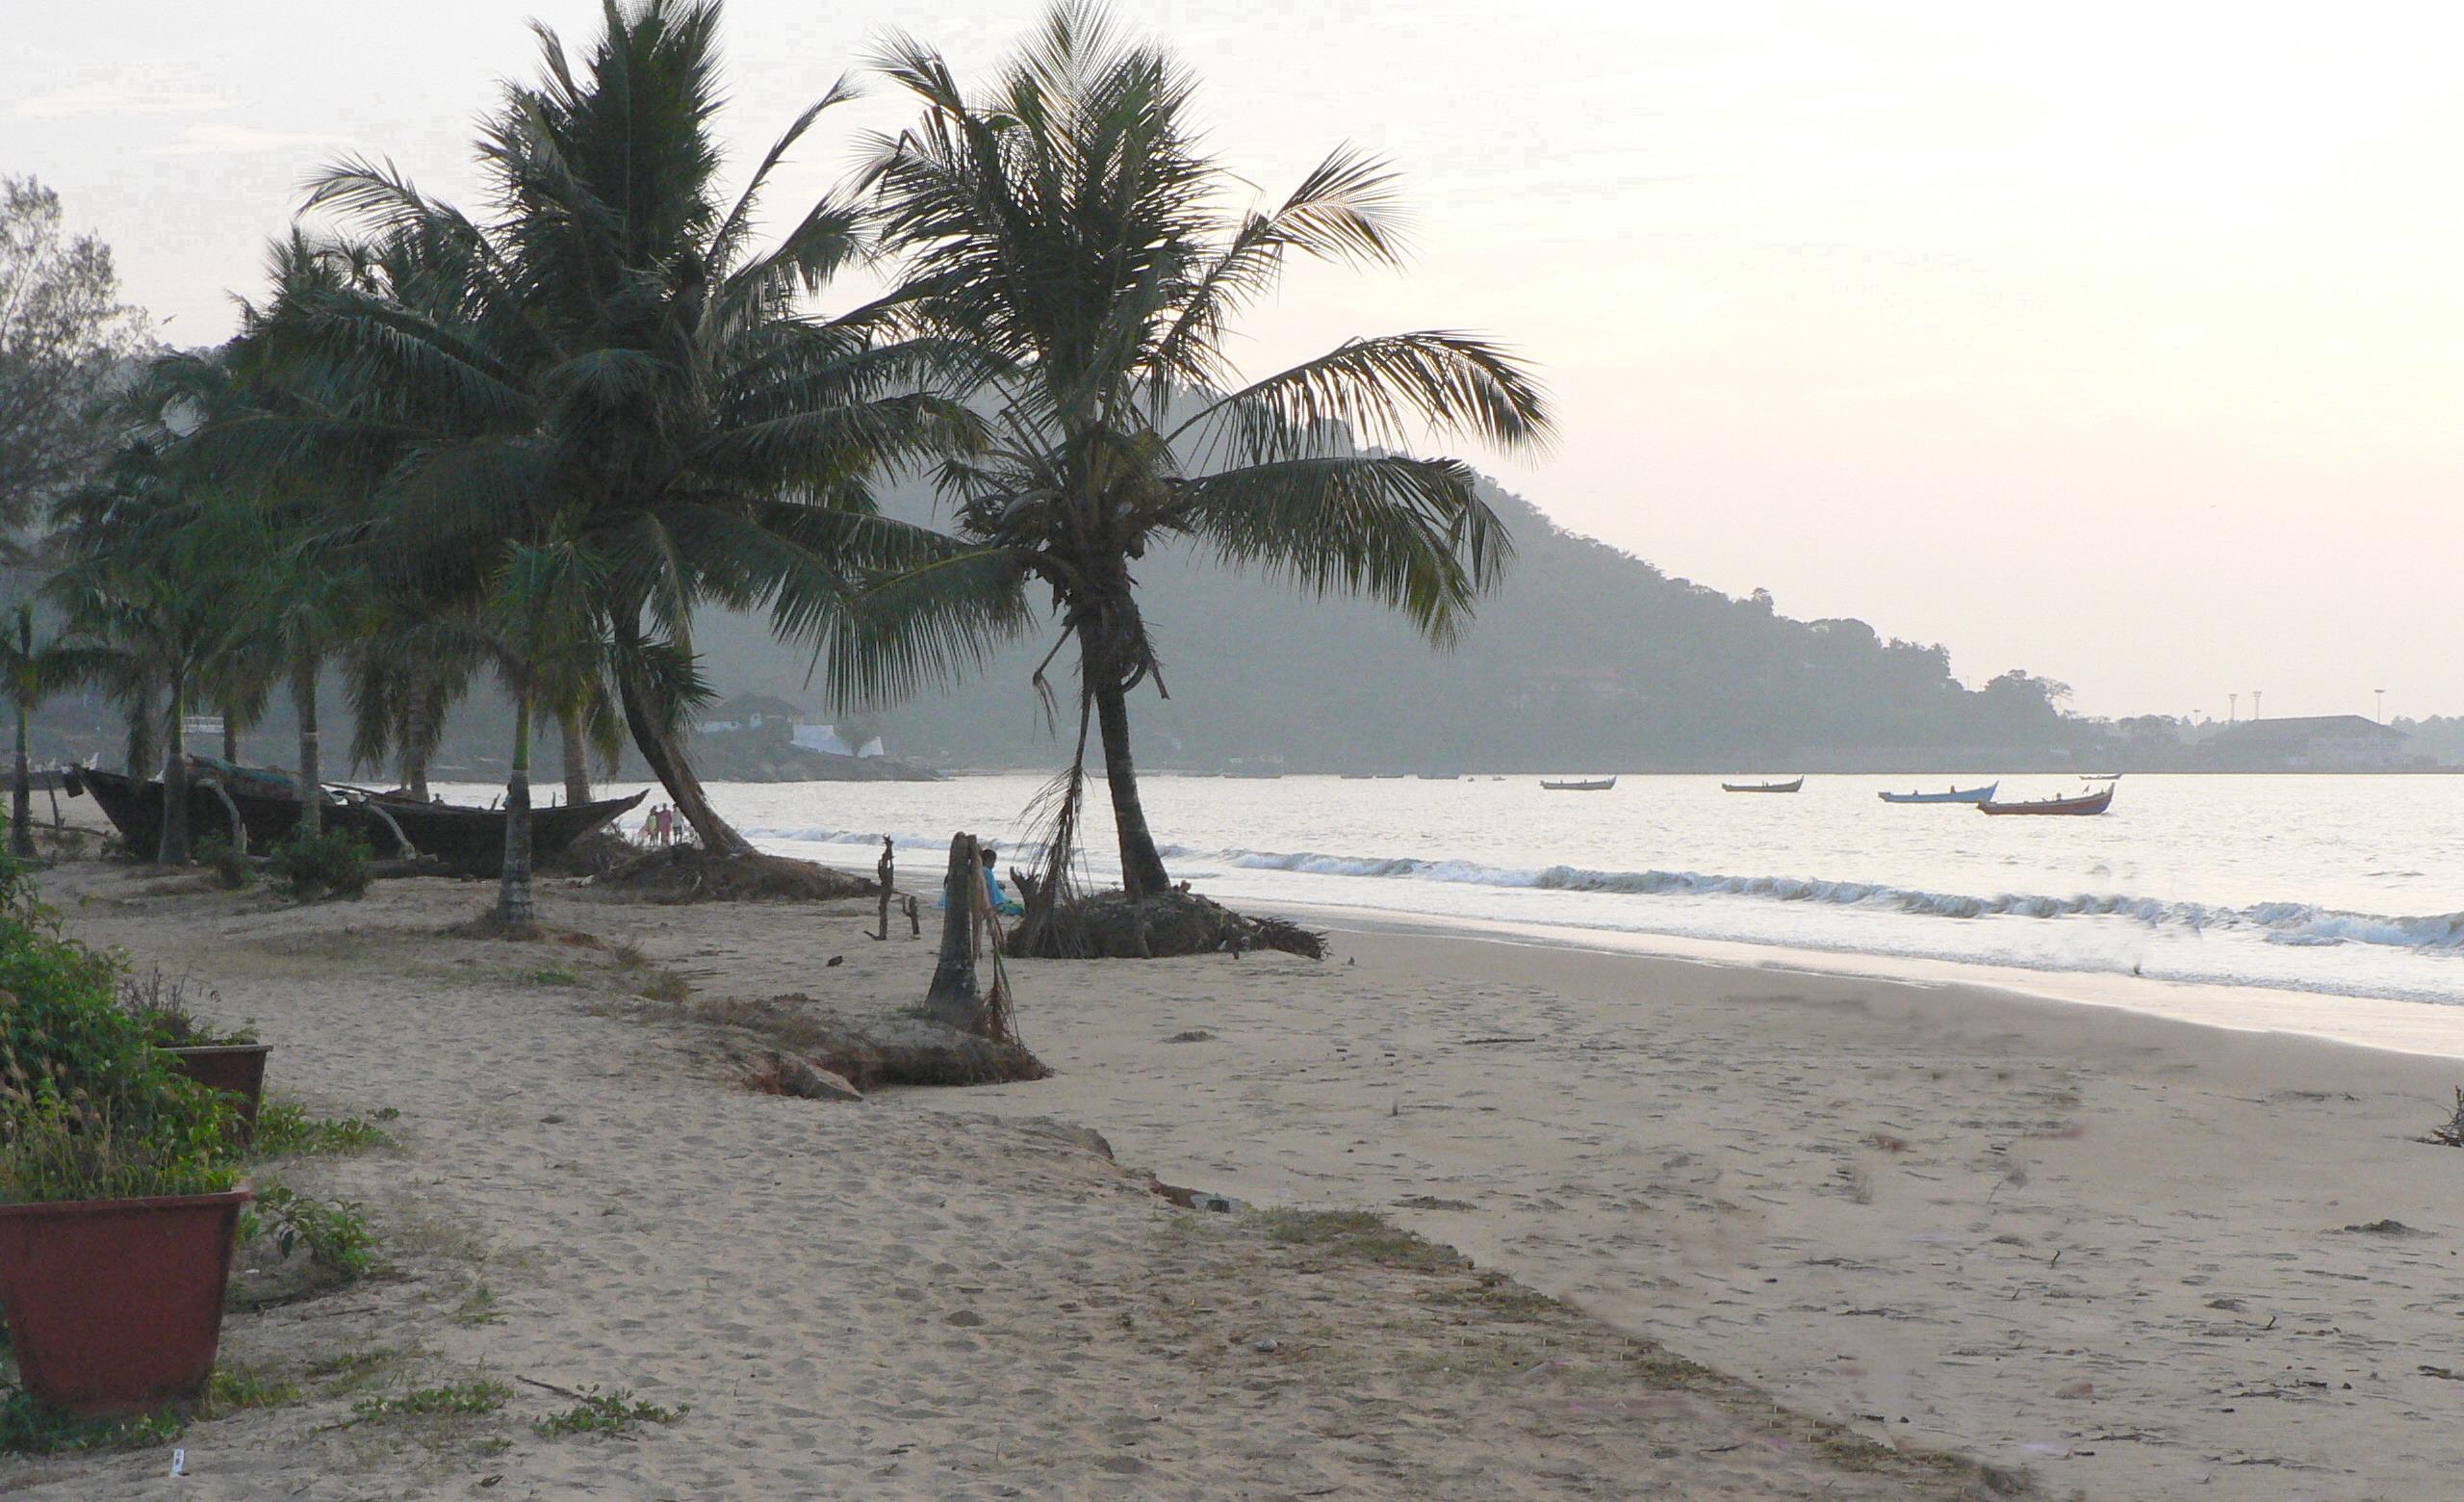 Binaga Beach - Karwar Image